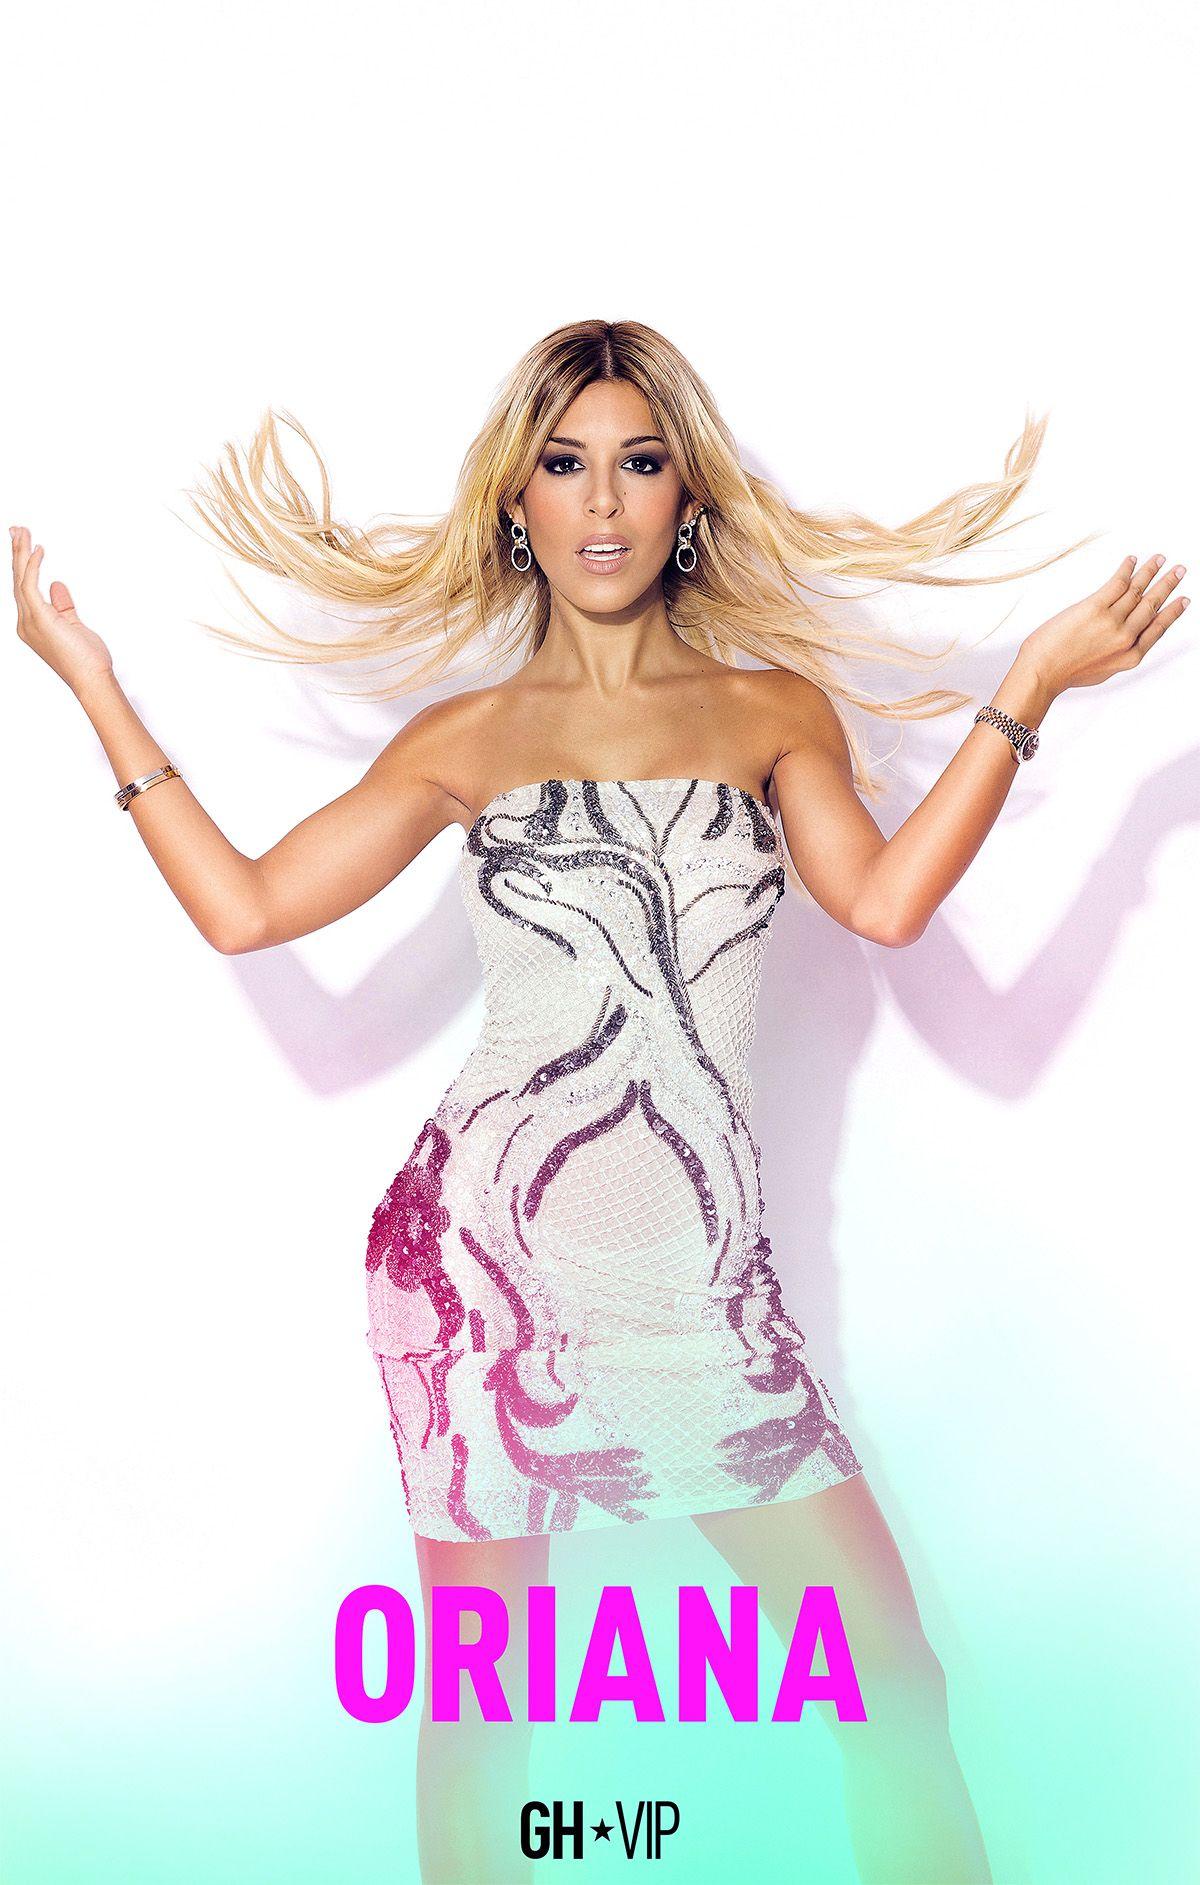 Oriana Marzoli en su foto oficial de GH VIP 6